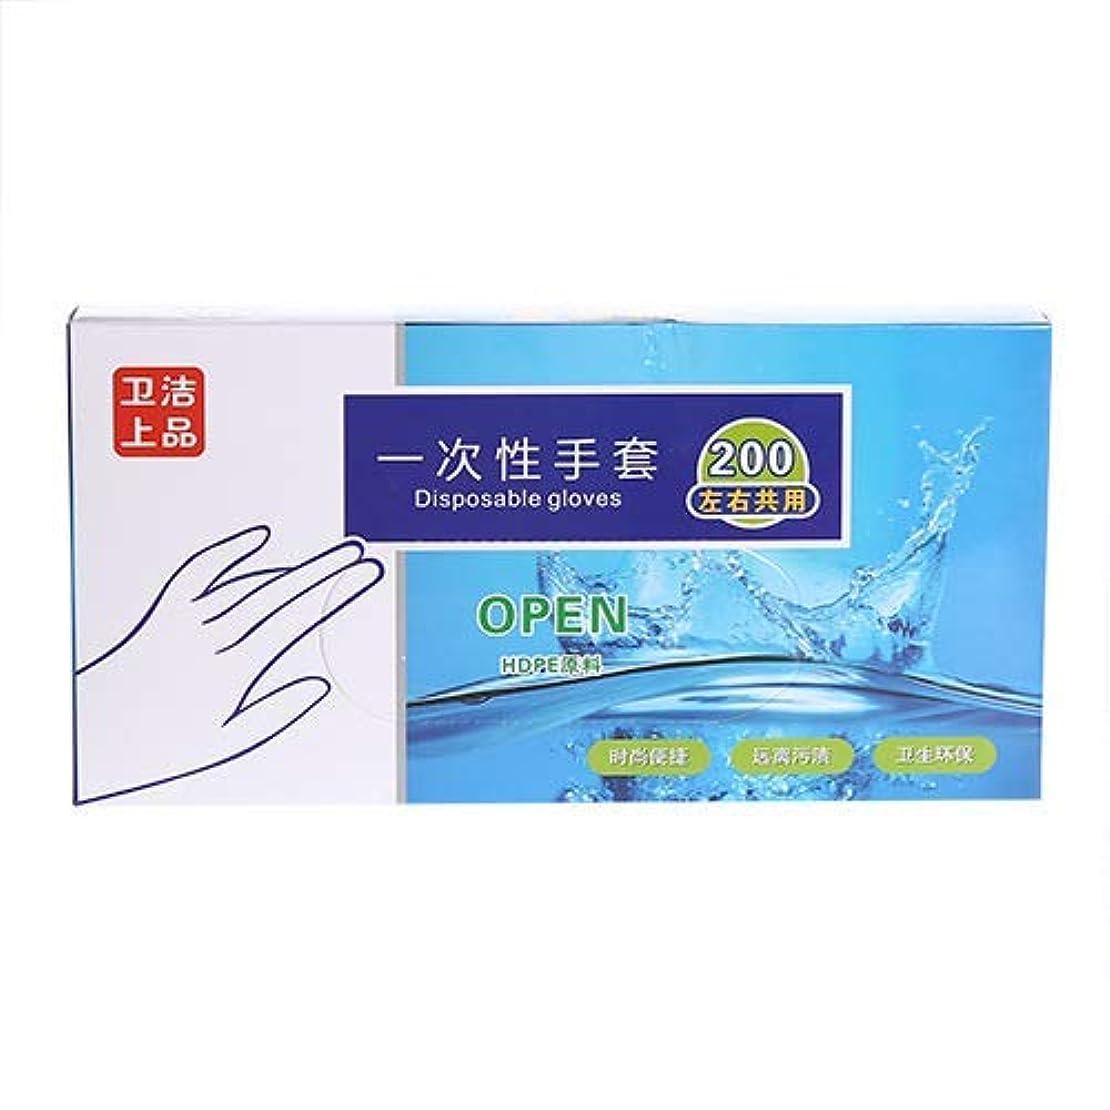 不正ネスト識別する使い捨て手袋 ニトリルグローブ ホワイト 粉なし 100枚入り /200枚入り